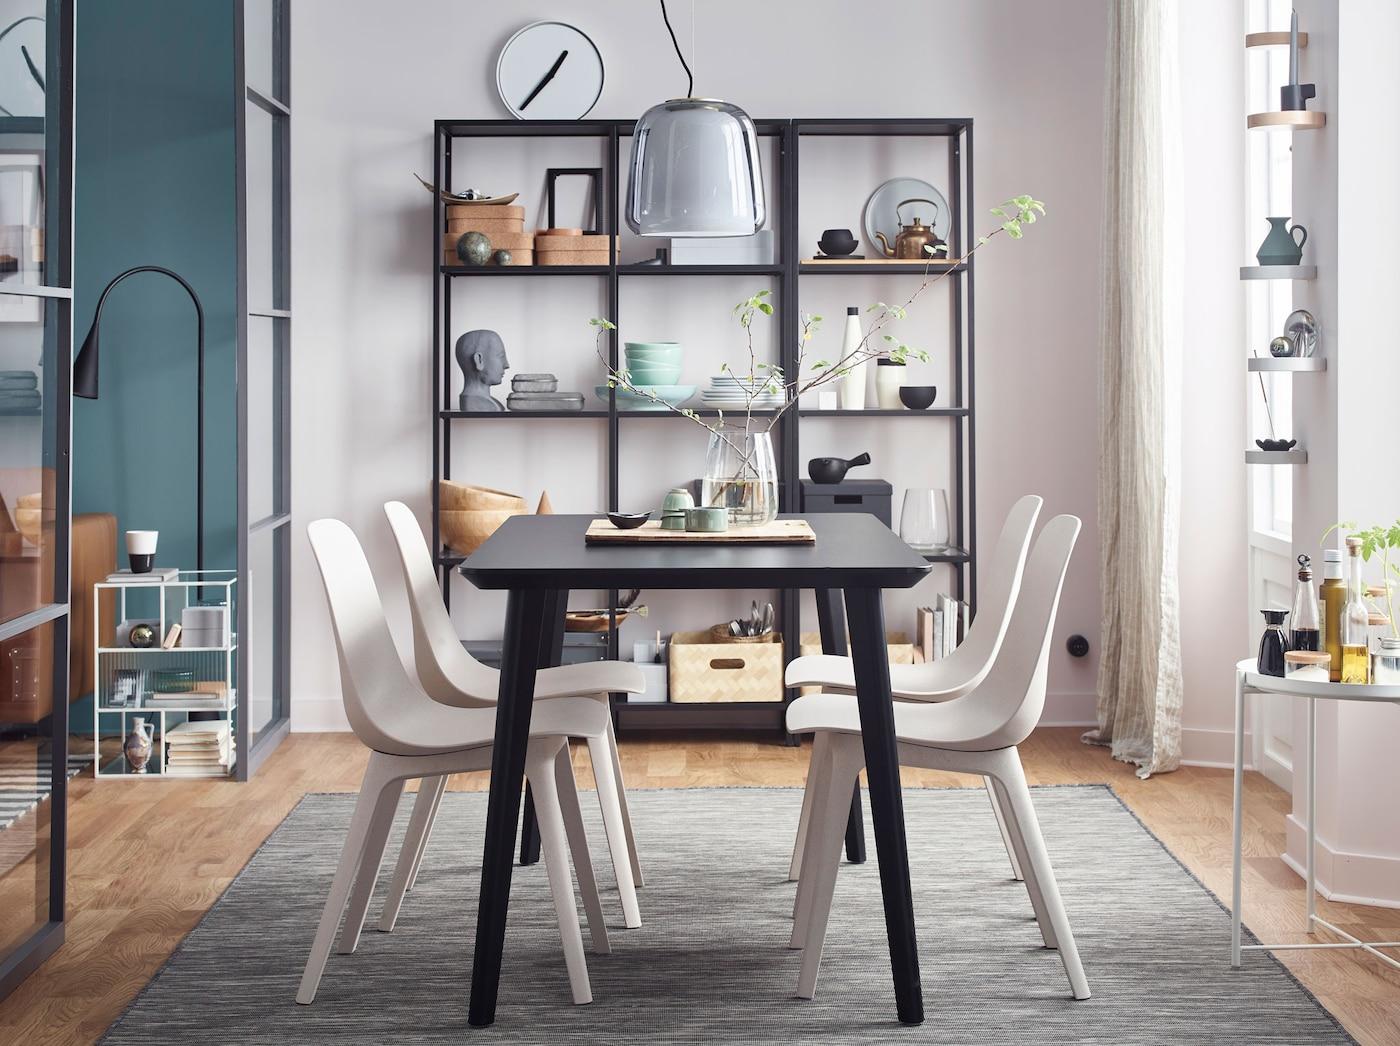 Das Geheimnis Zu Einem Stilvollen Esszimmer? Designikonen Wie Preisträger  IKEA ODGER Stühle Weiß/beige